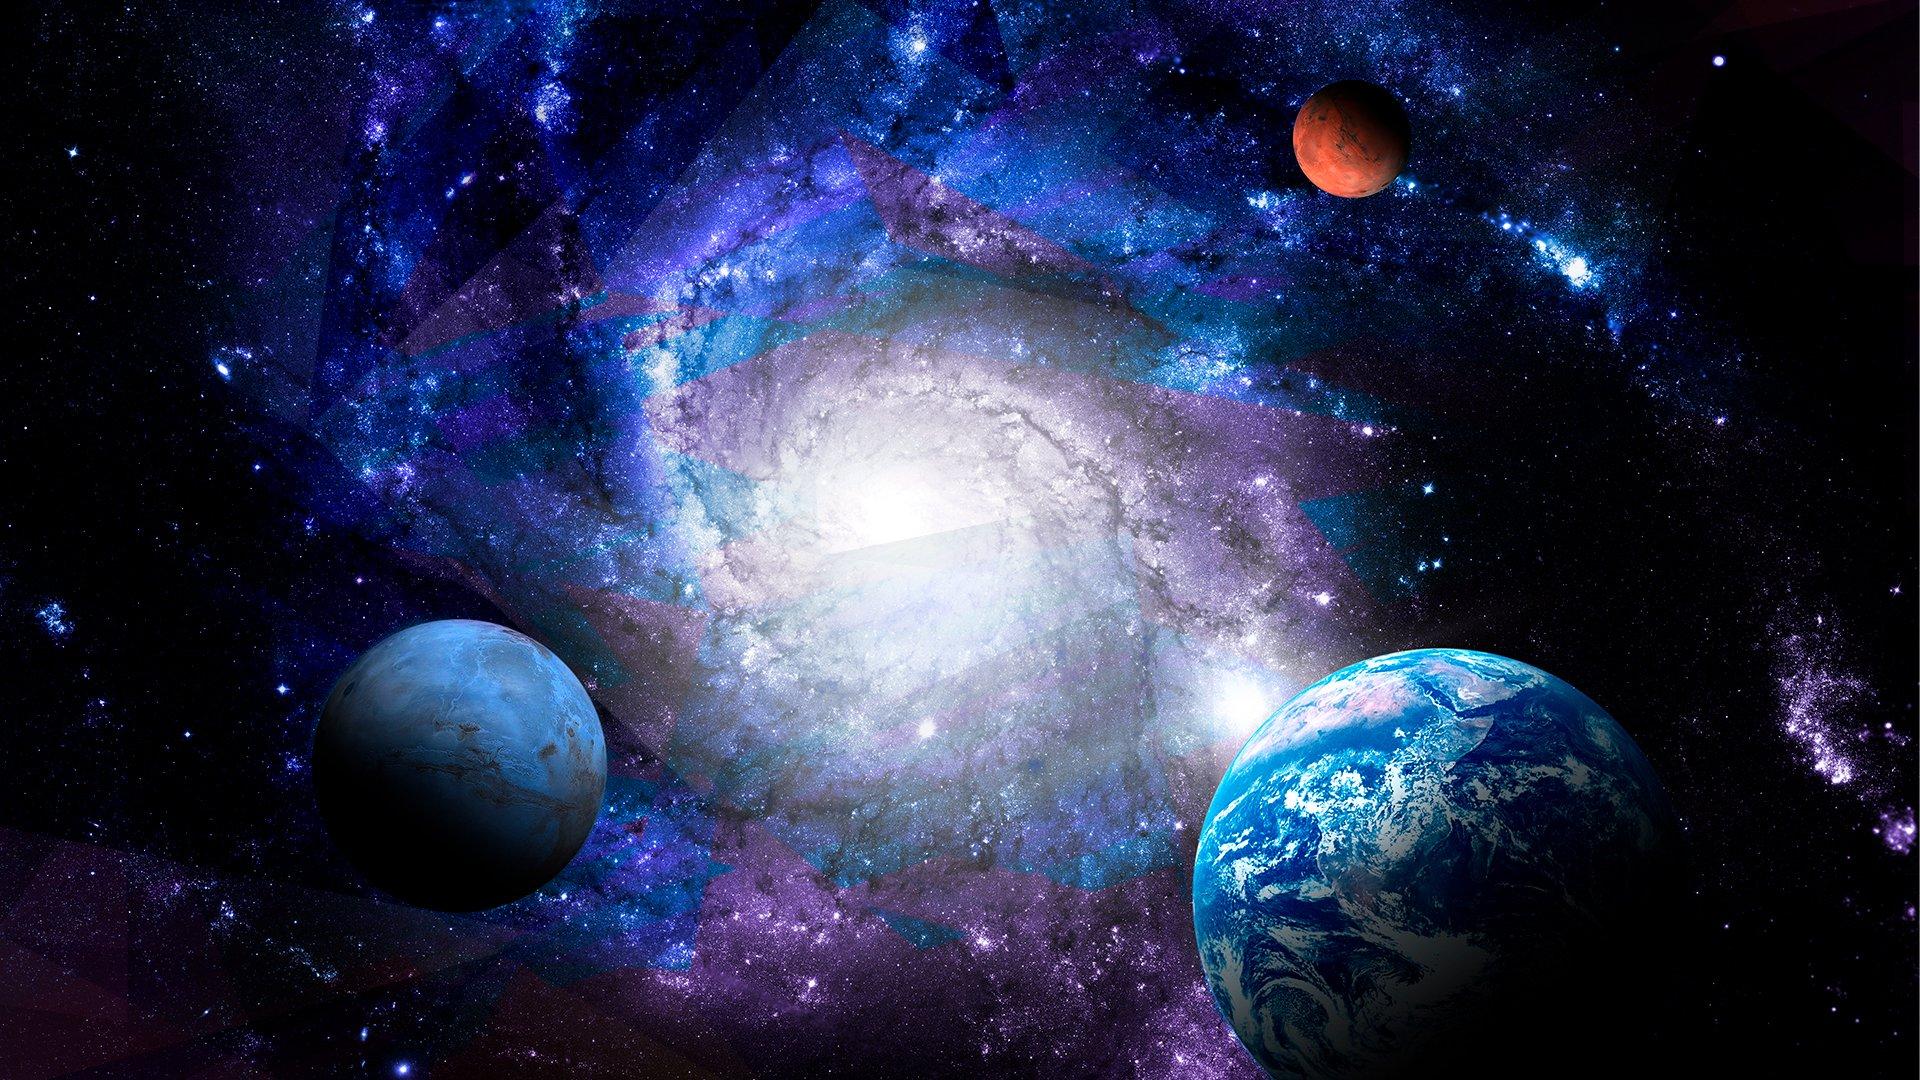 Galaxy, Weltraum, Raumfahrt, Nasa, Weltall, Mars, Erde, Planet, Welt, Sterne, Globus, Earth, Planeten, Sternenhimmel, Nachthimmel, Sternschnuppen, Galaxie, Planet Erde, Konstellation, Wurmloch, Warp, Welten